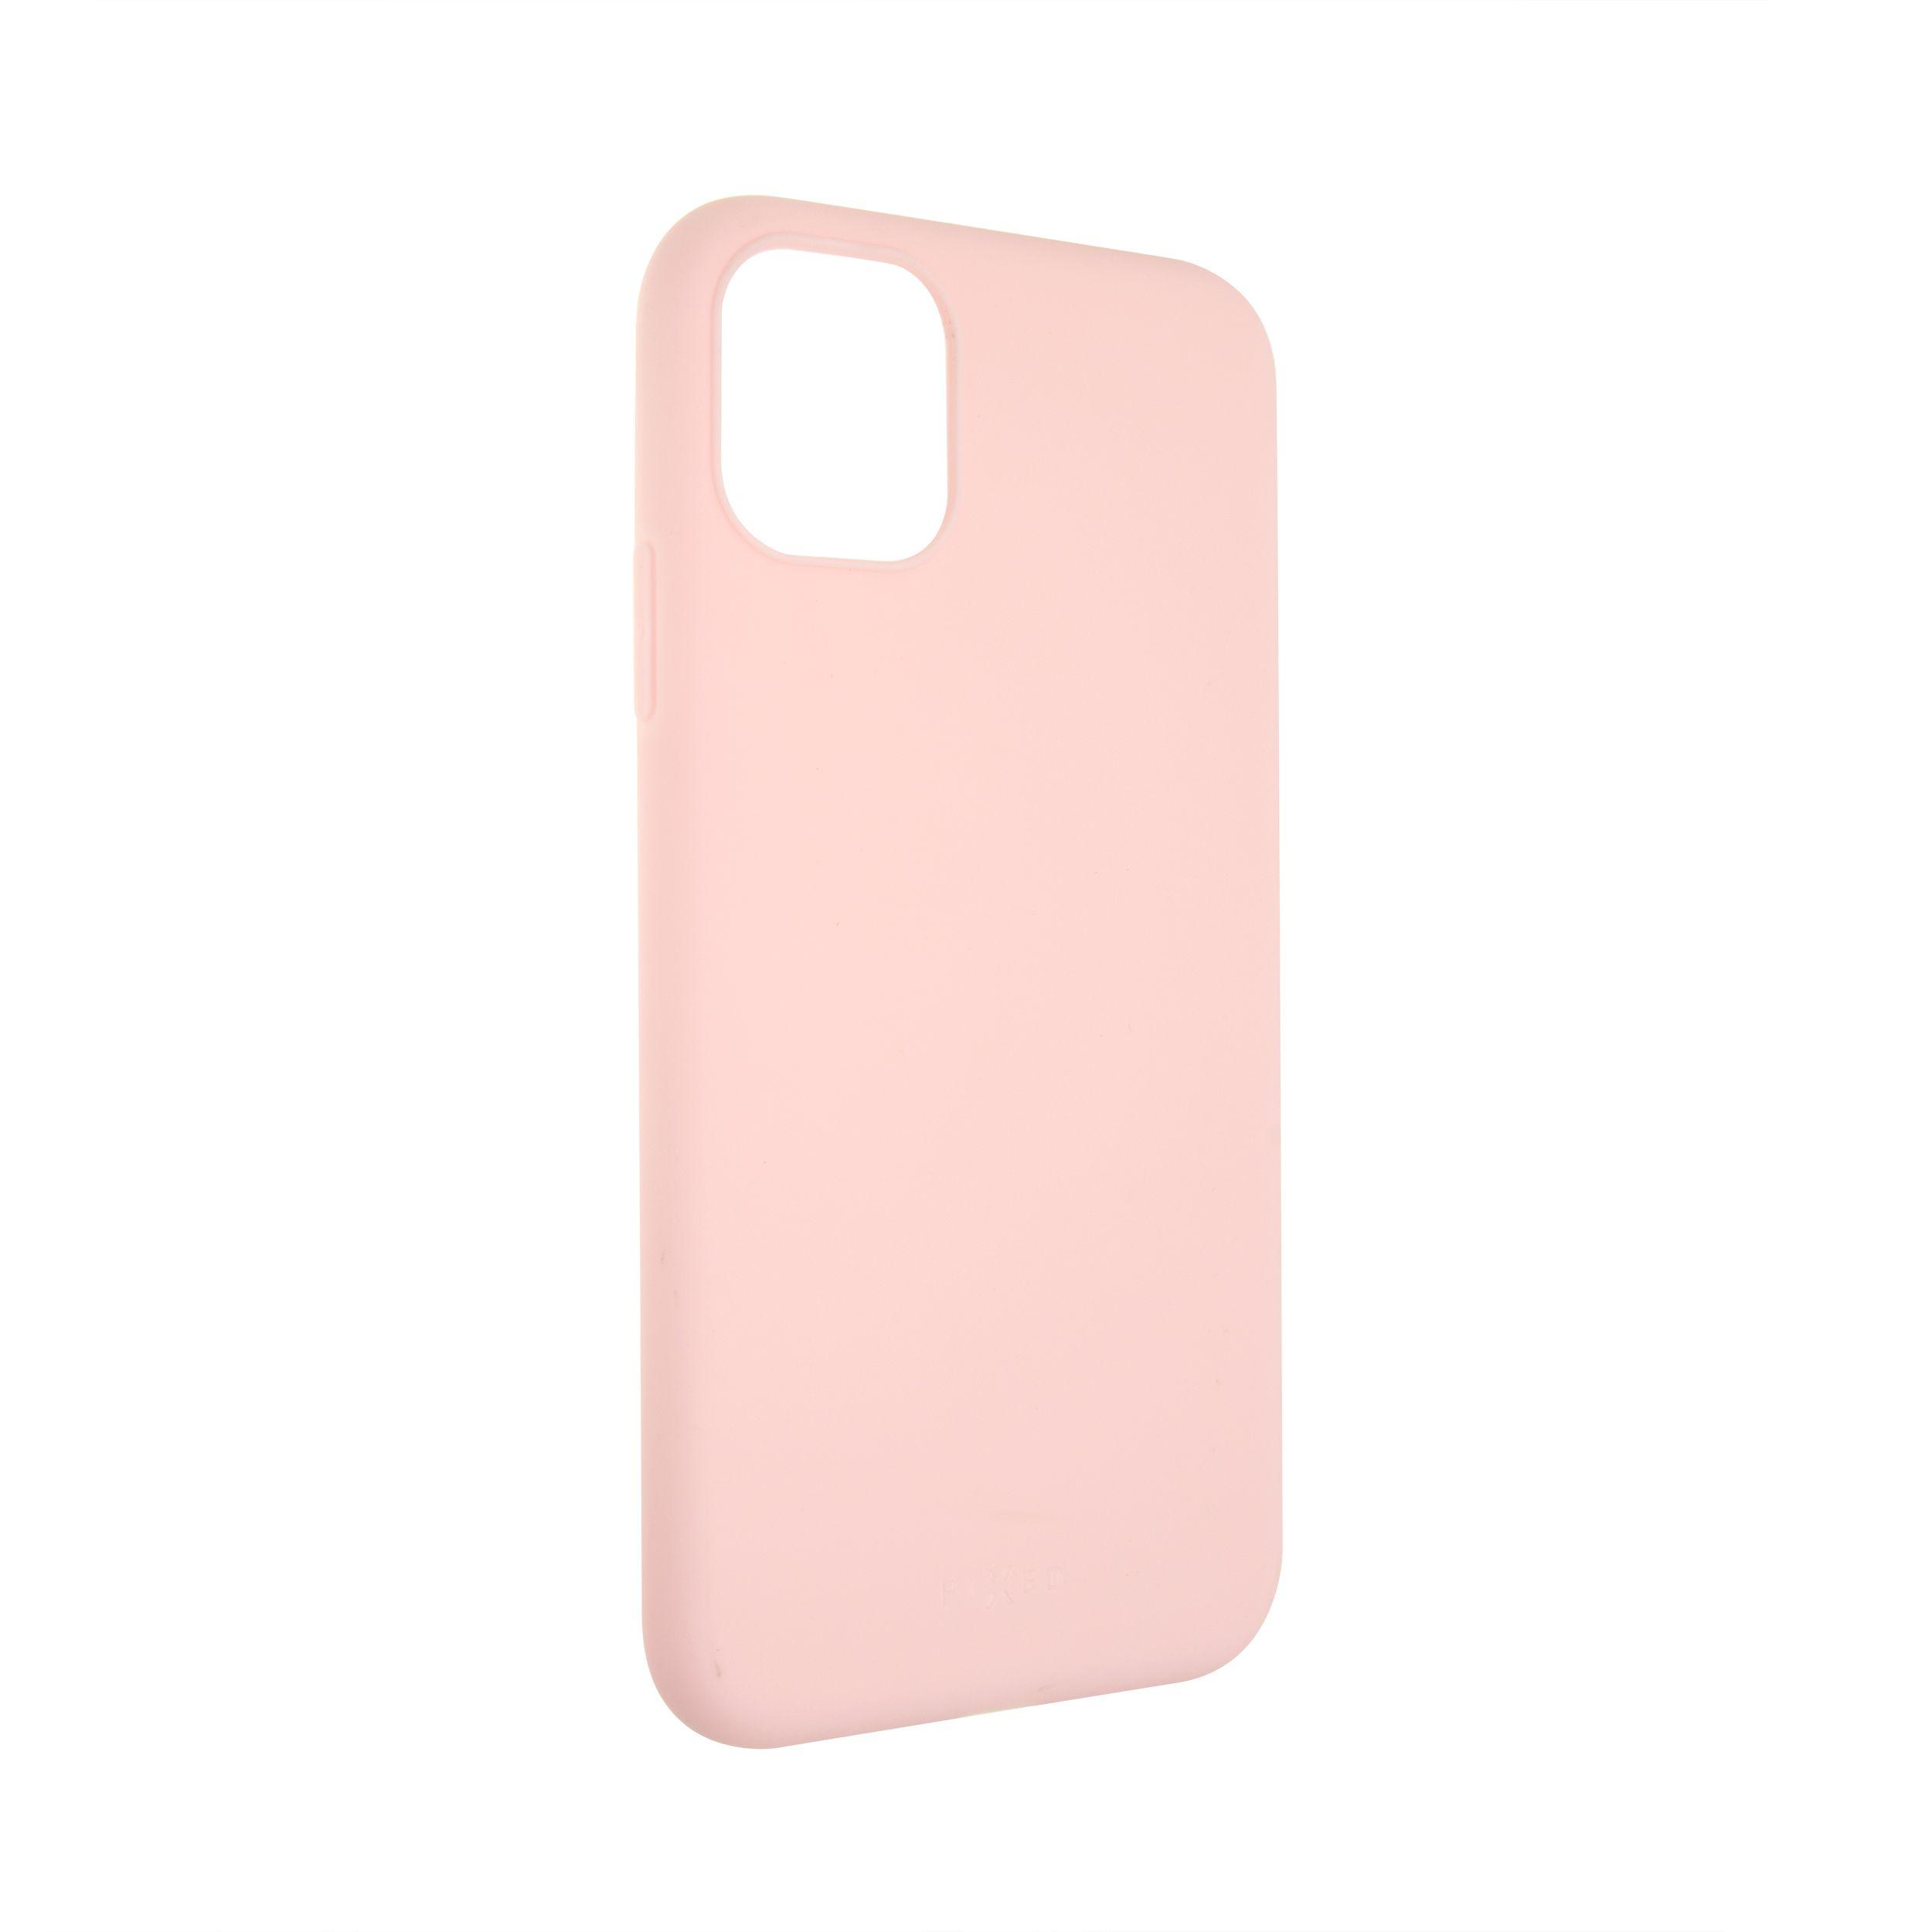 Zadní pogumovaný kryt FIXED Story pro Apple iPhone 11, růžový